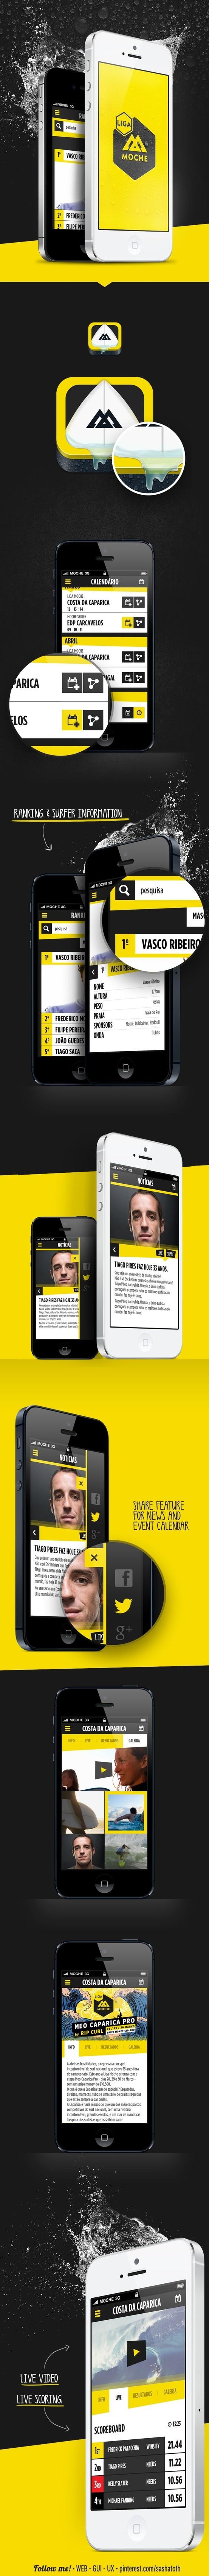 Liga Moche iOS App concept